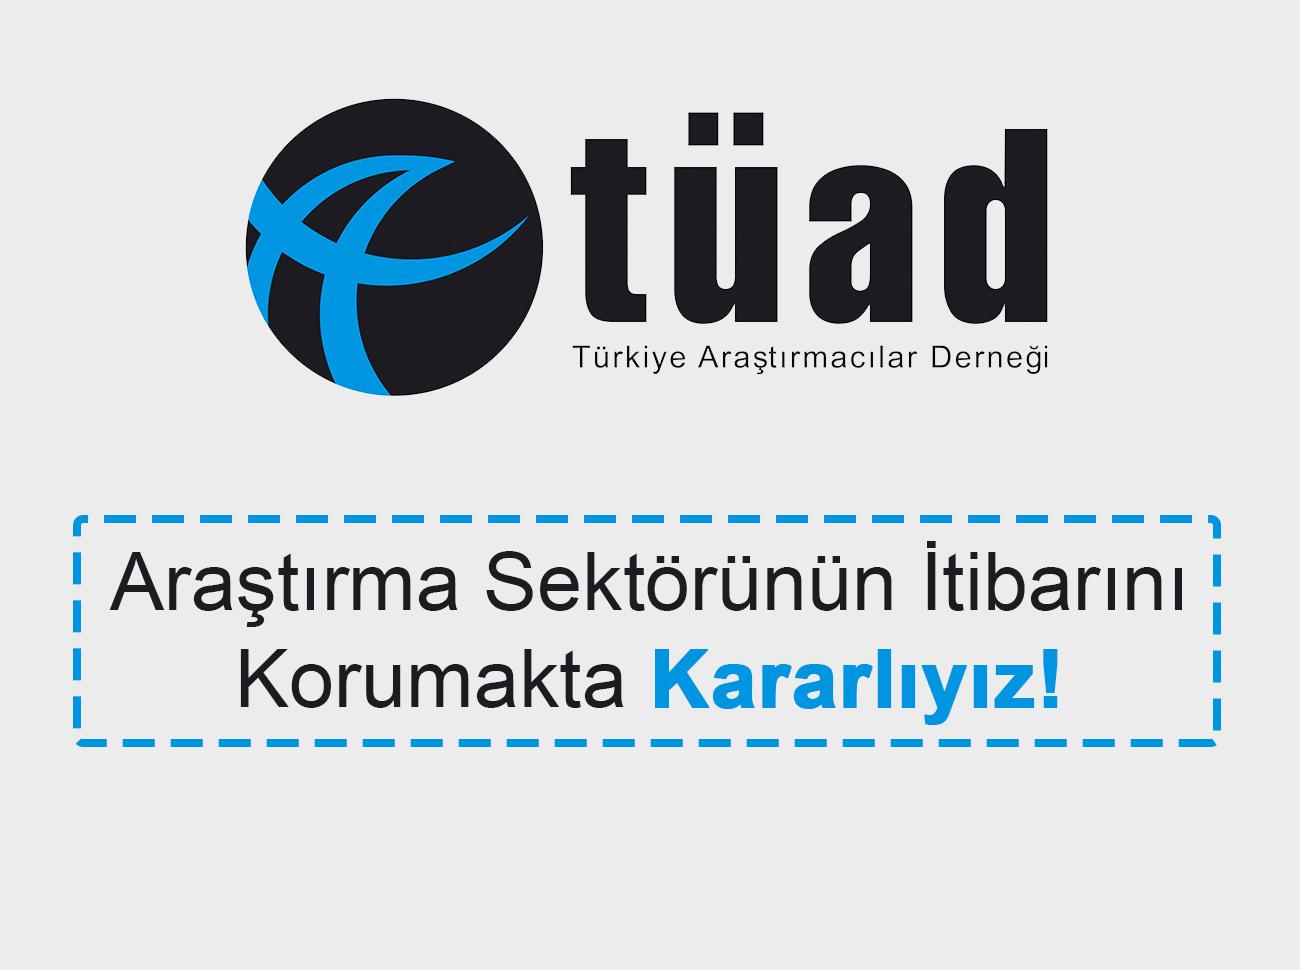 TÜAD: Araştırma Sektörünün İtibarını Korumakta Kararlıyız